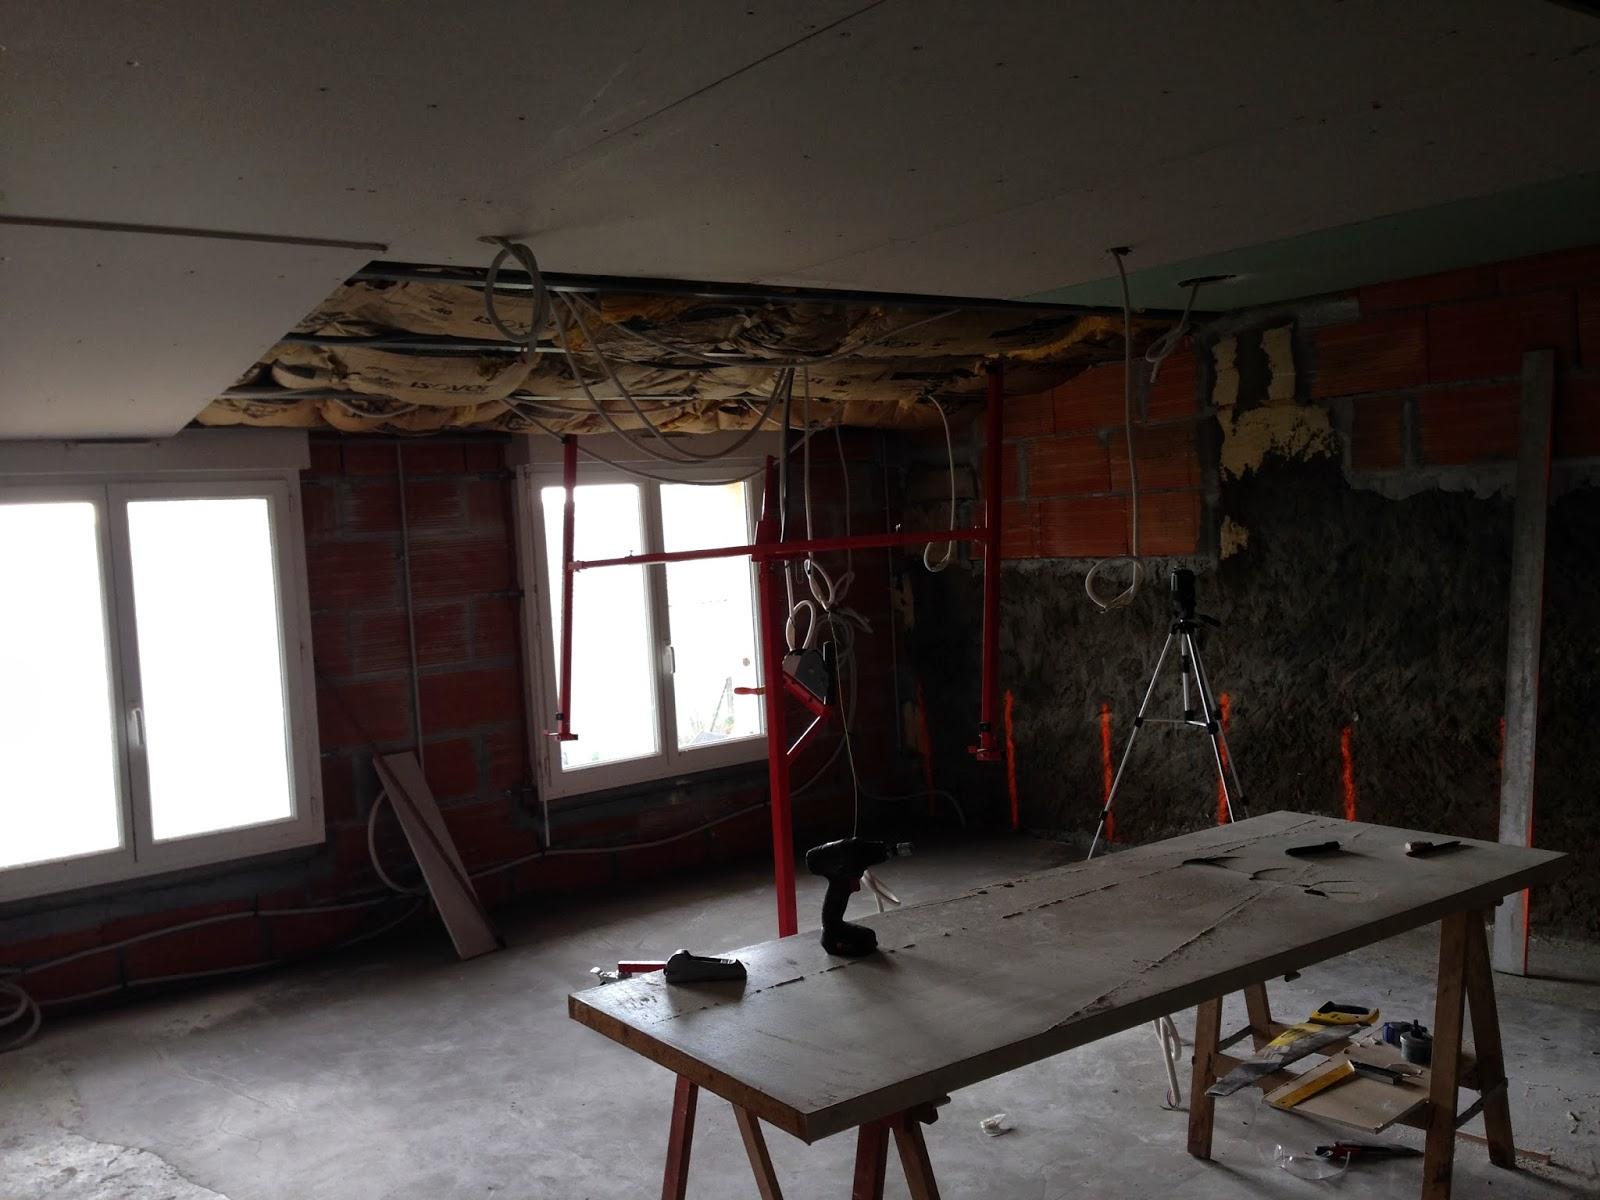 Notre Projet: Placo Plafond Chambre Parentale intérieur Distance Conduit Cheminée Placo